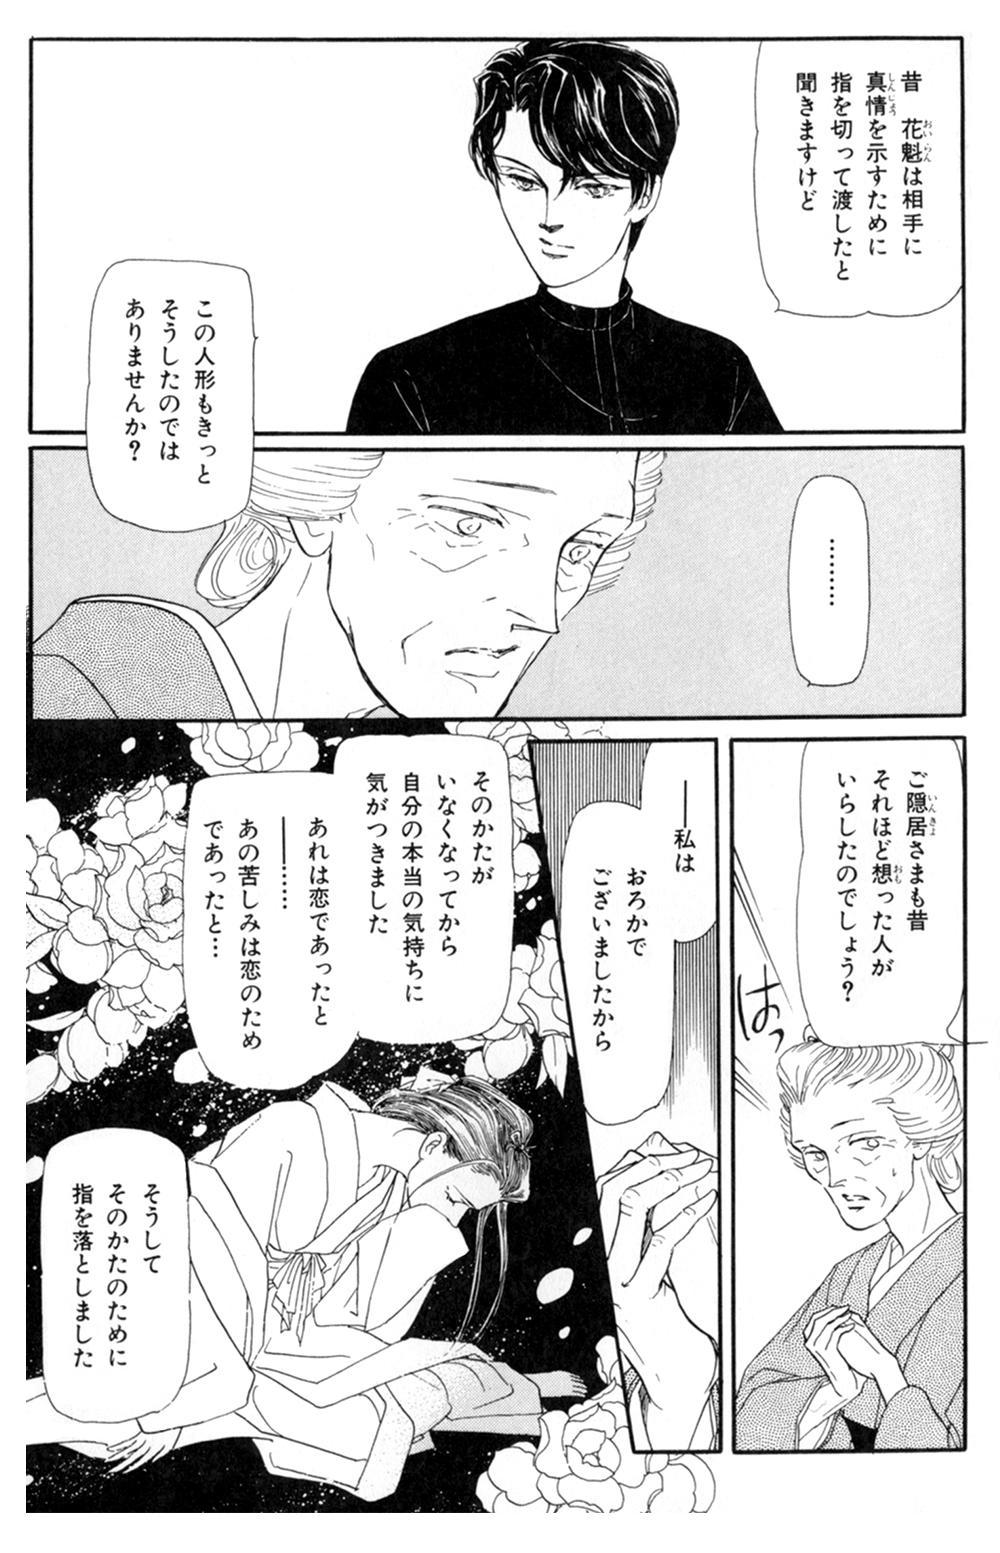 雨柳堂夢咄 第5話「花に暮れる」2uryudo-02-142.jpg